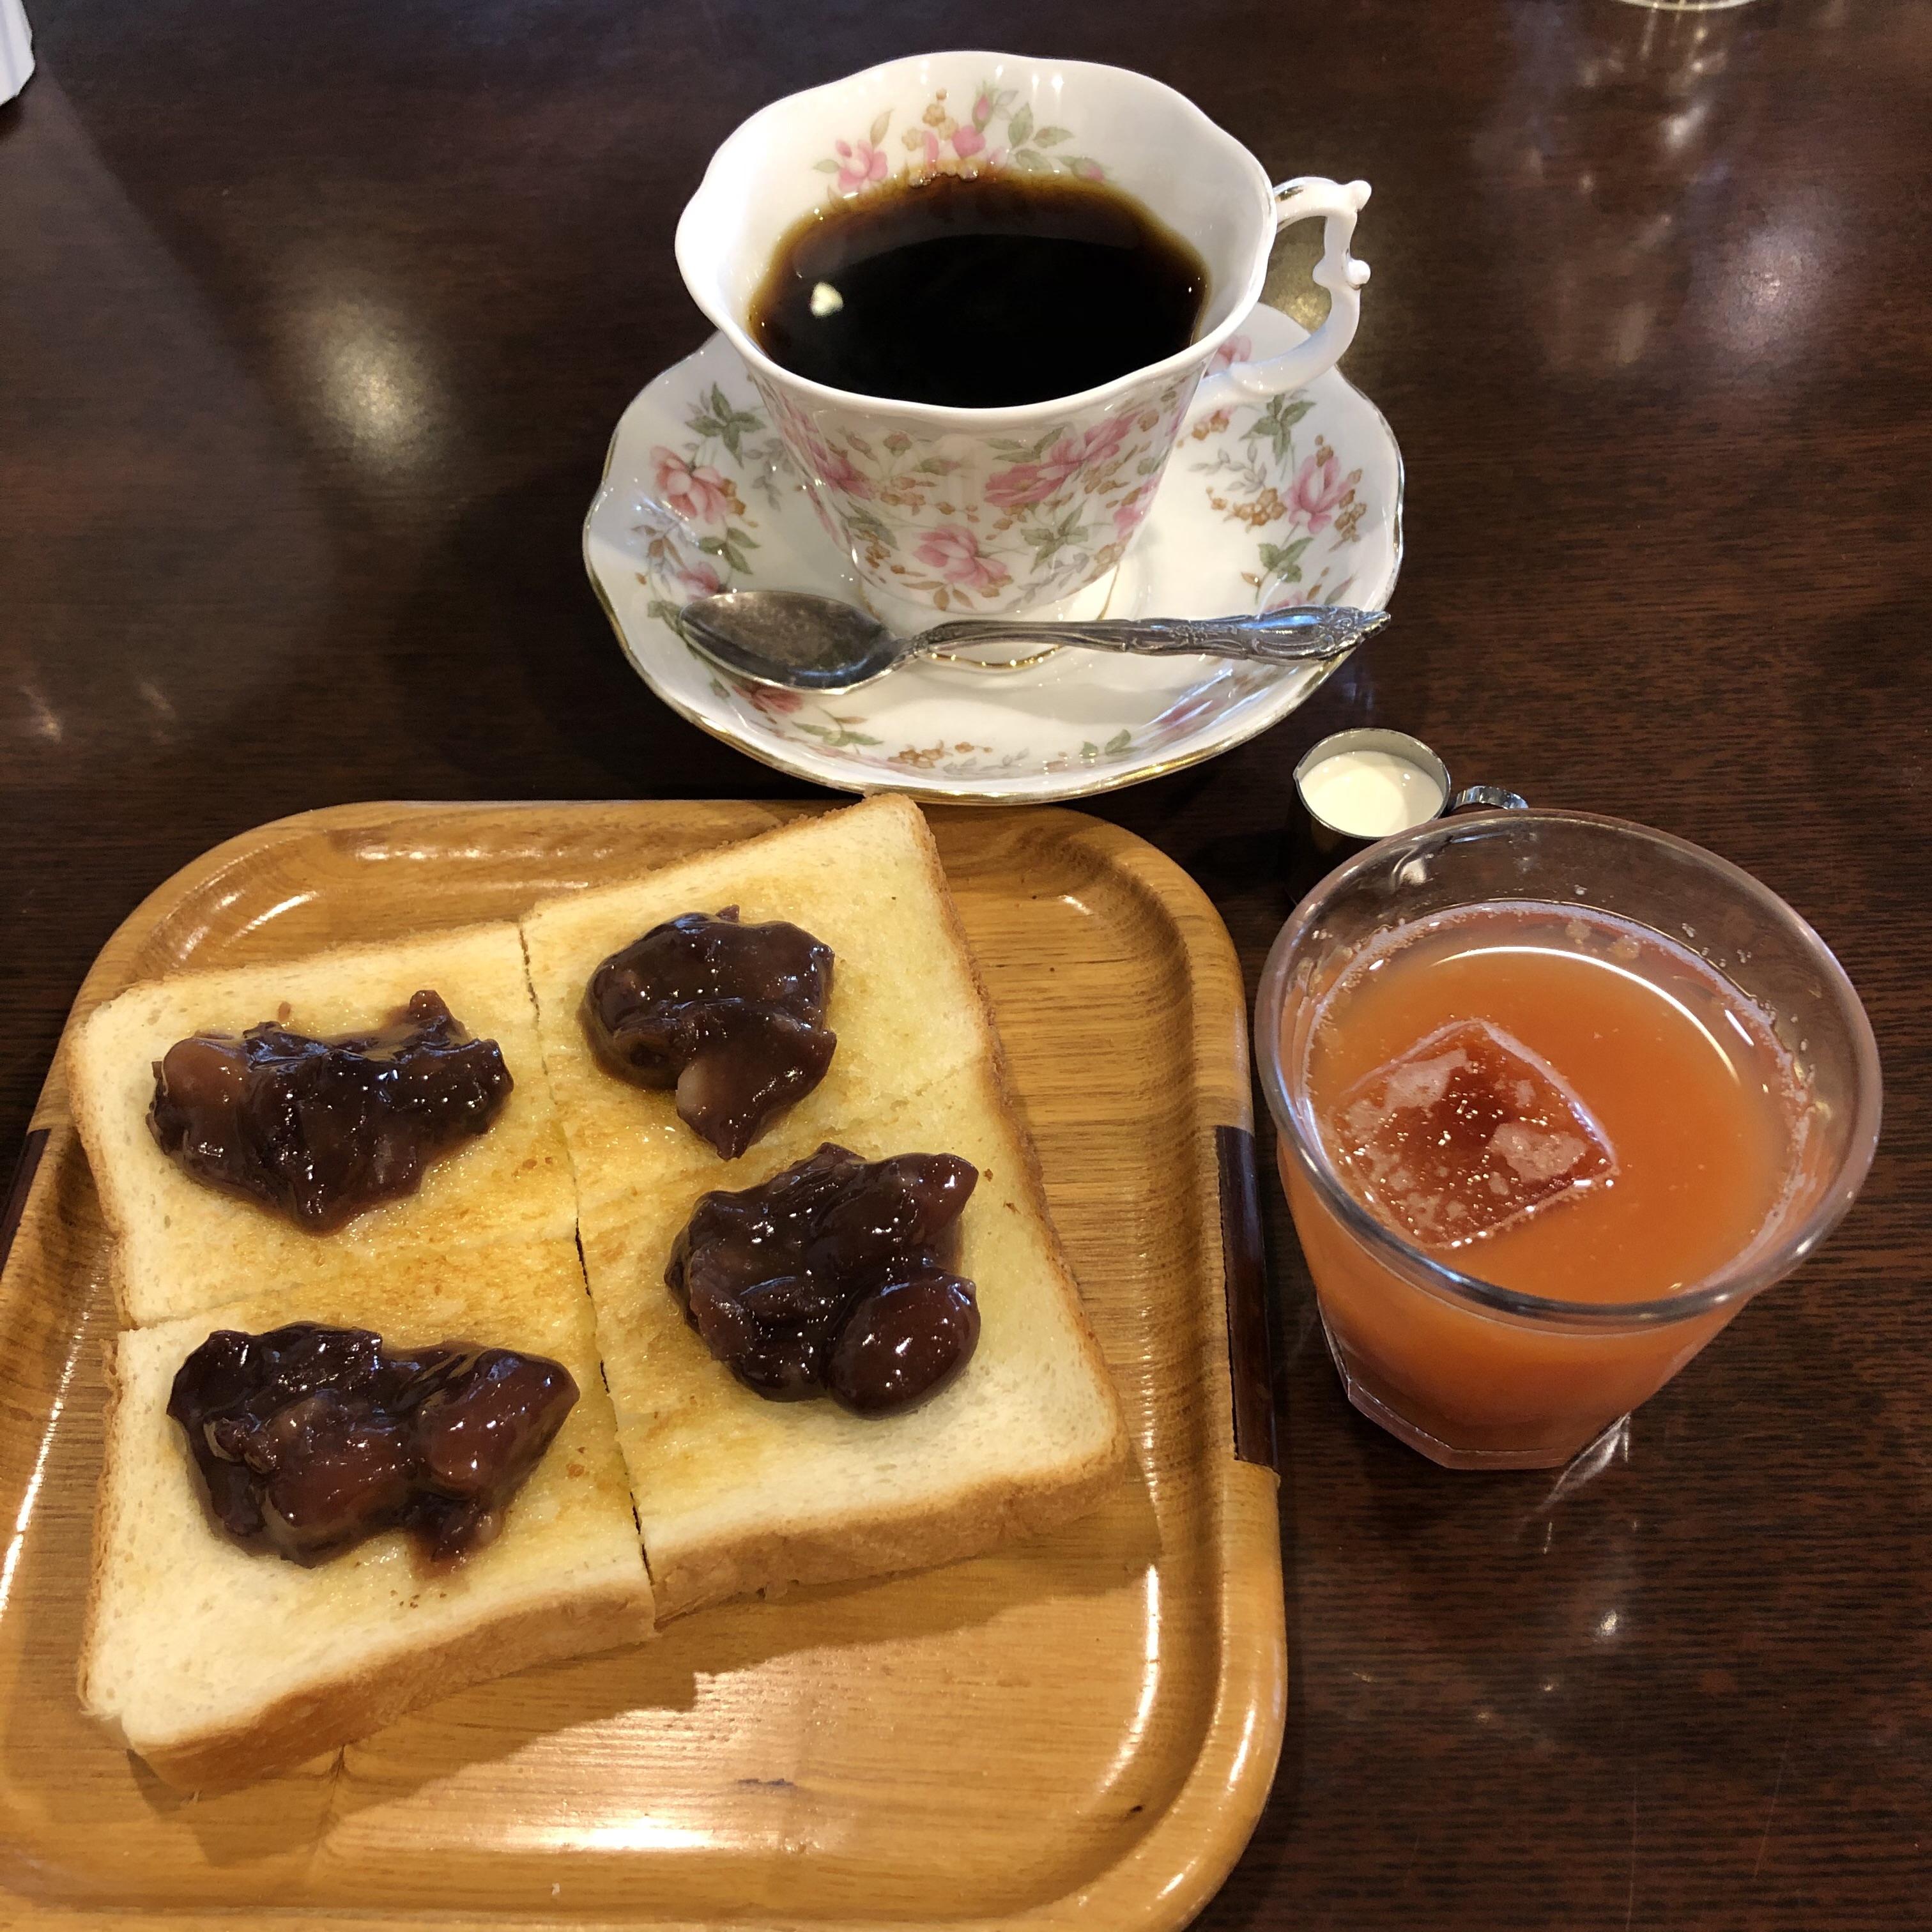 愛知県名古屋市のおすすめモーニング あんトーストおいしいコーヒーはかこ柳橋店